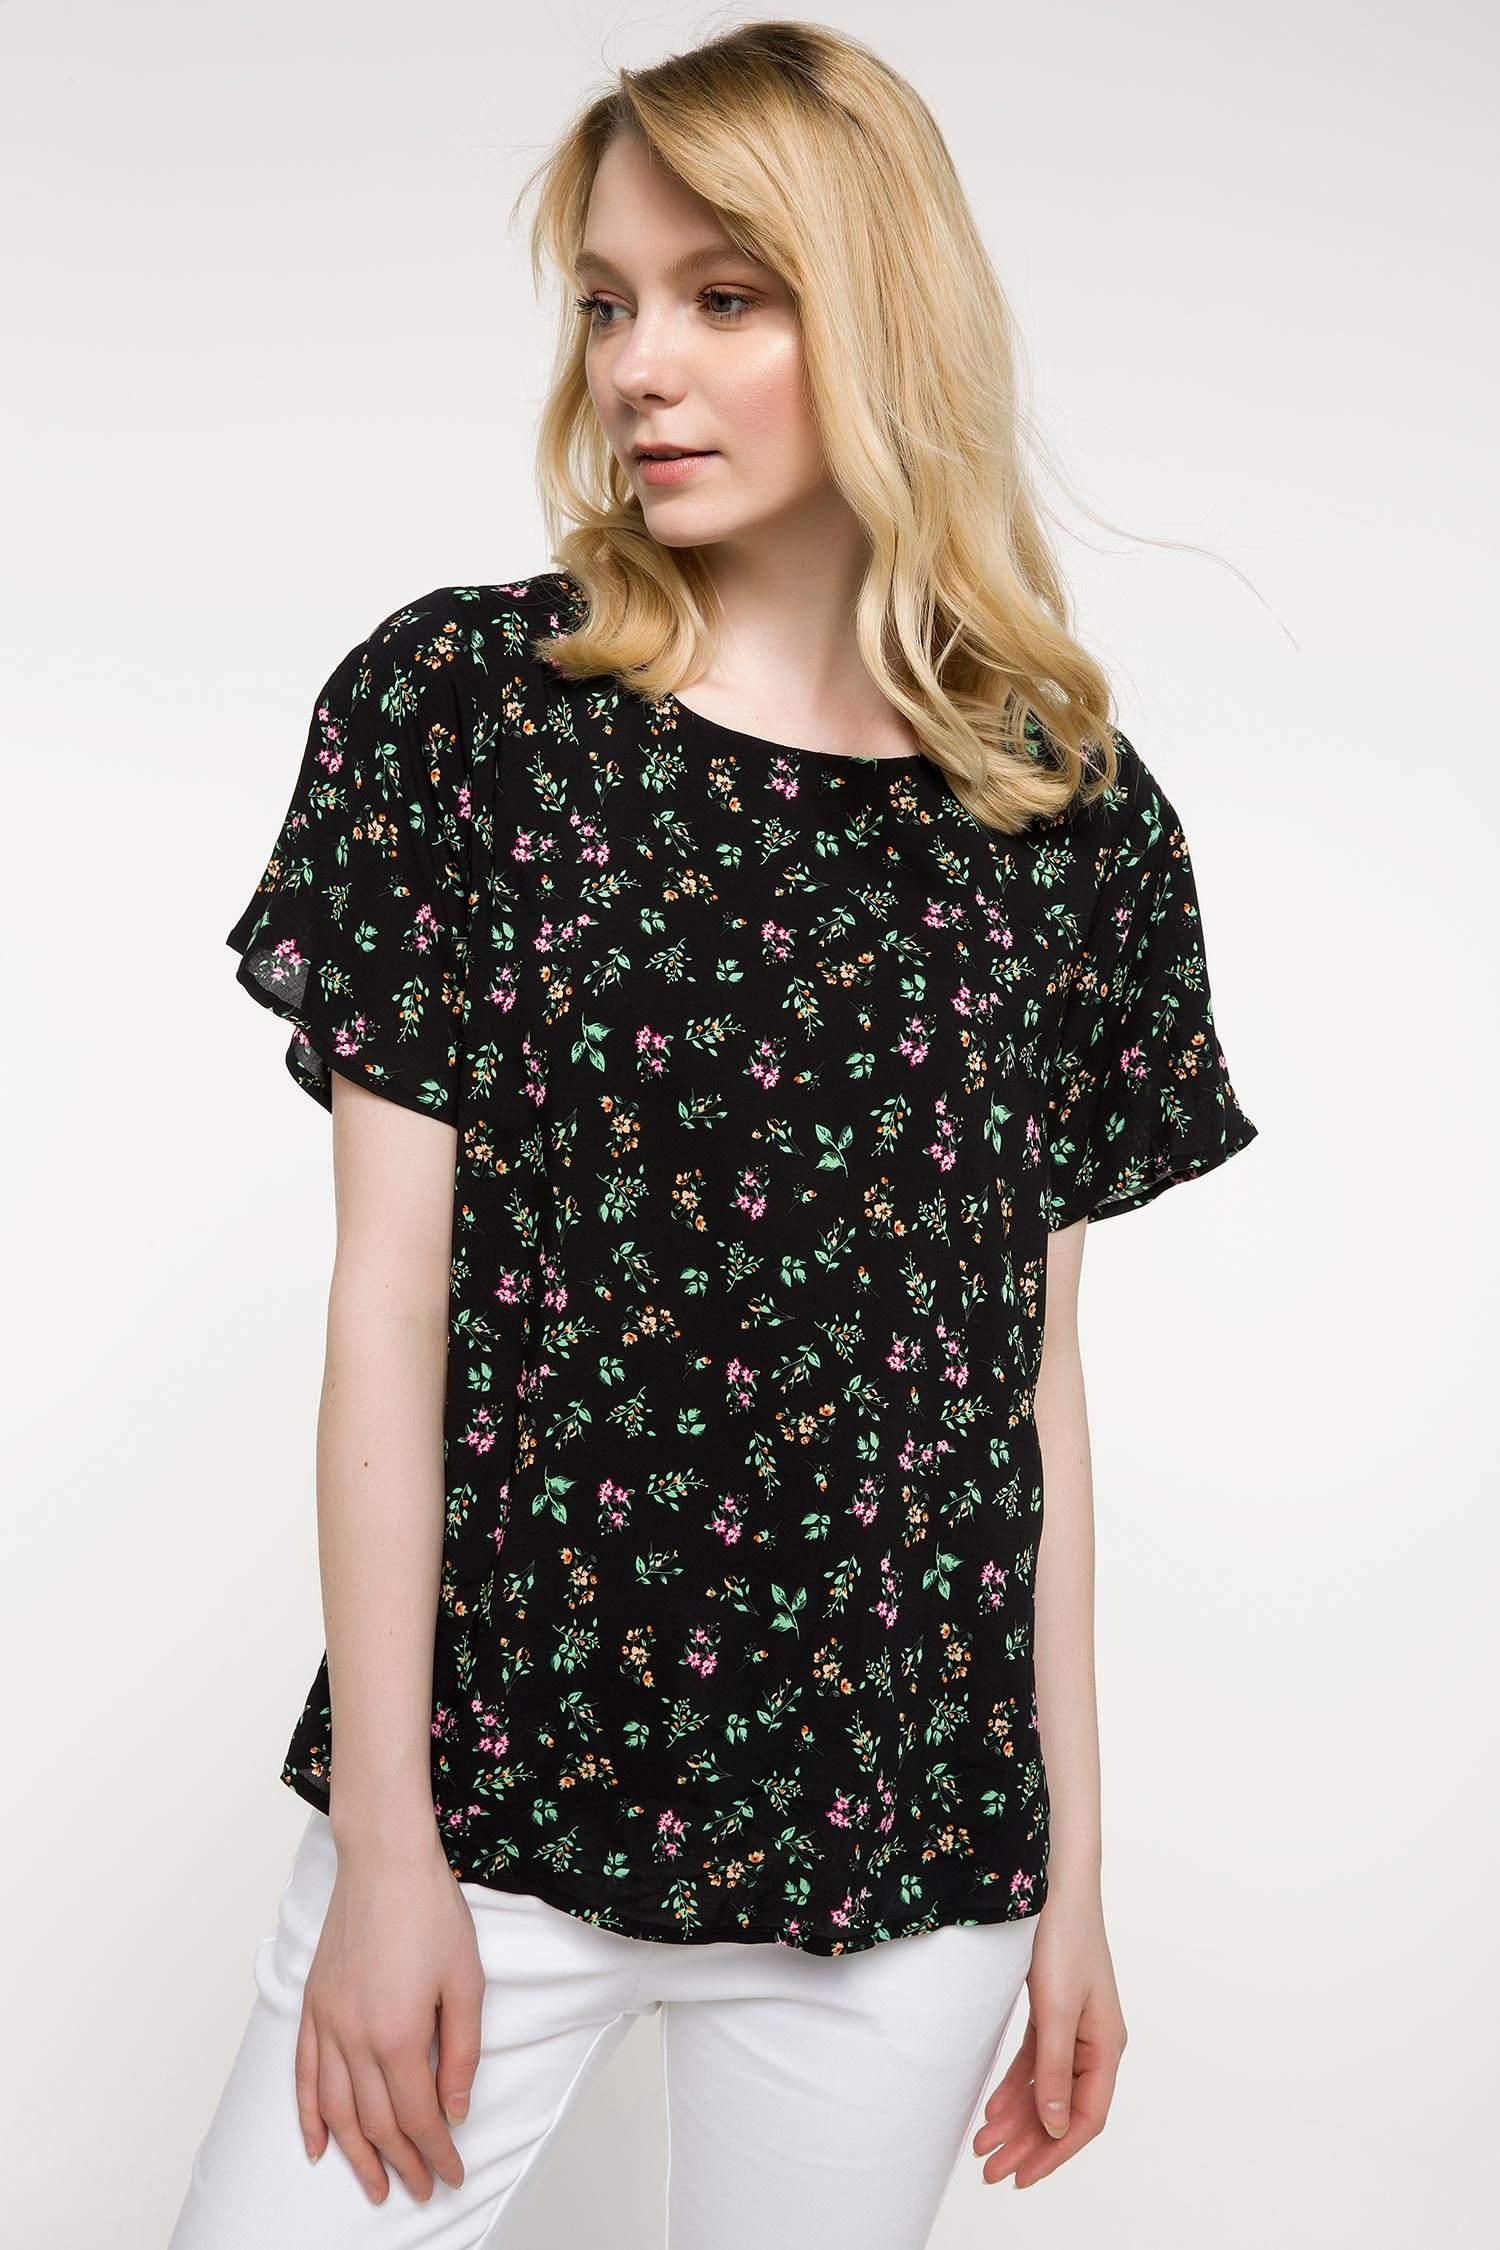 7c158320f976e Siyah Kadın Kolları Volan Detaylı Çiçek Desenli Bluz 841656 | DeFacto